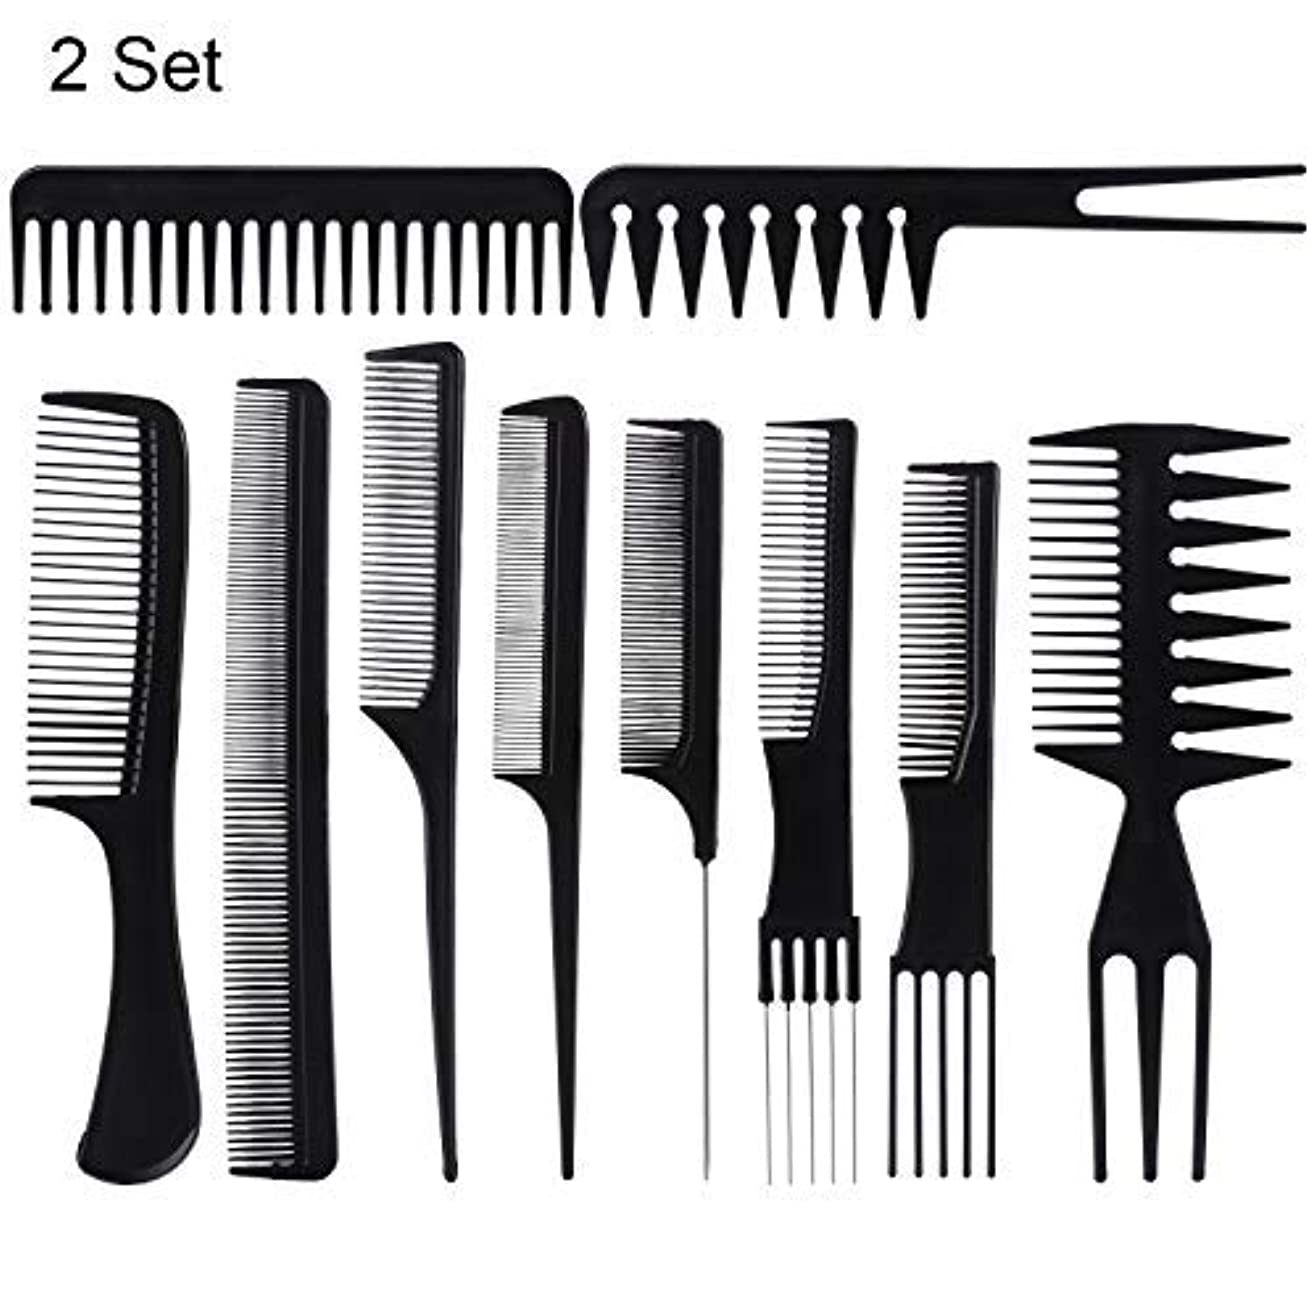 輝度意図するエレメンタル20 Piece Professional Styling Comb Set for Making hair style [並行輸入品]